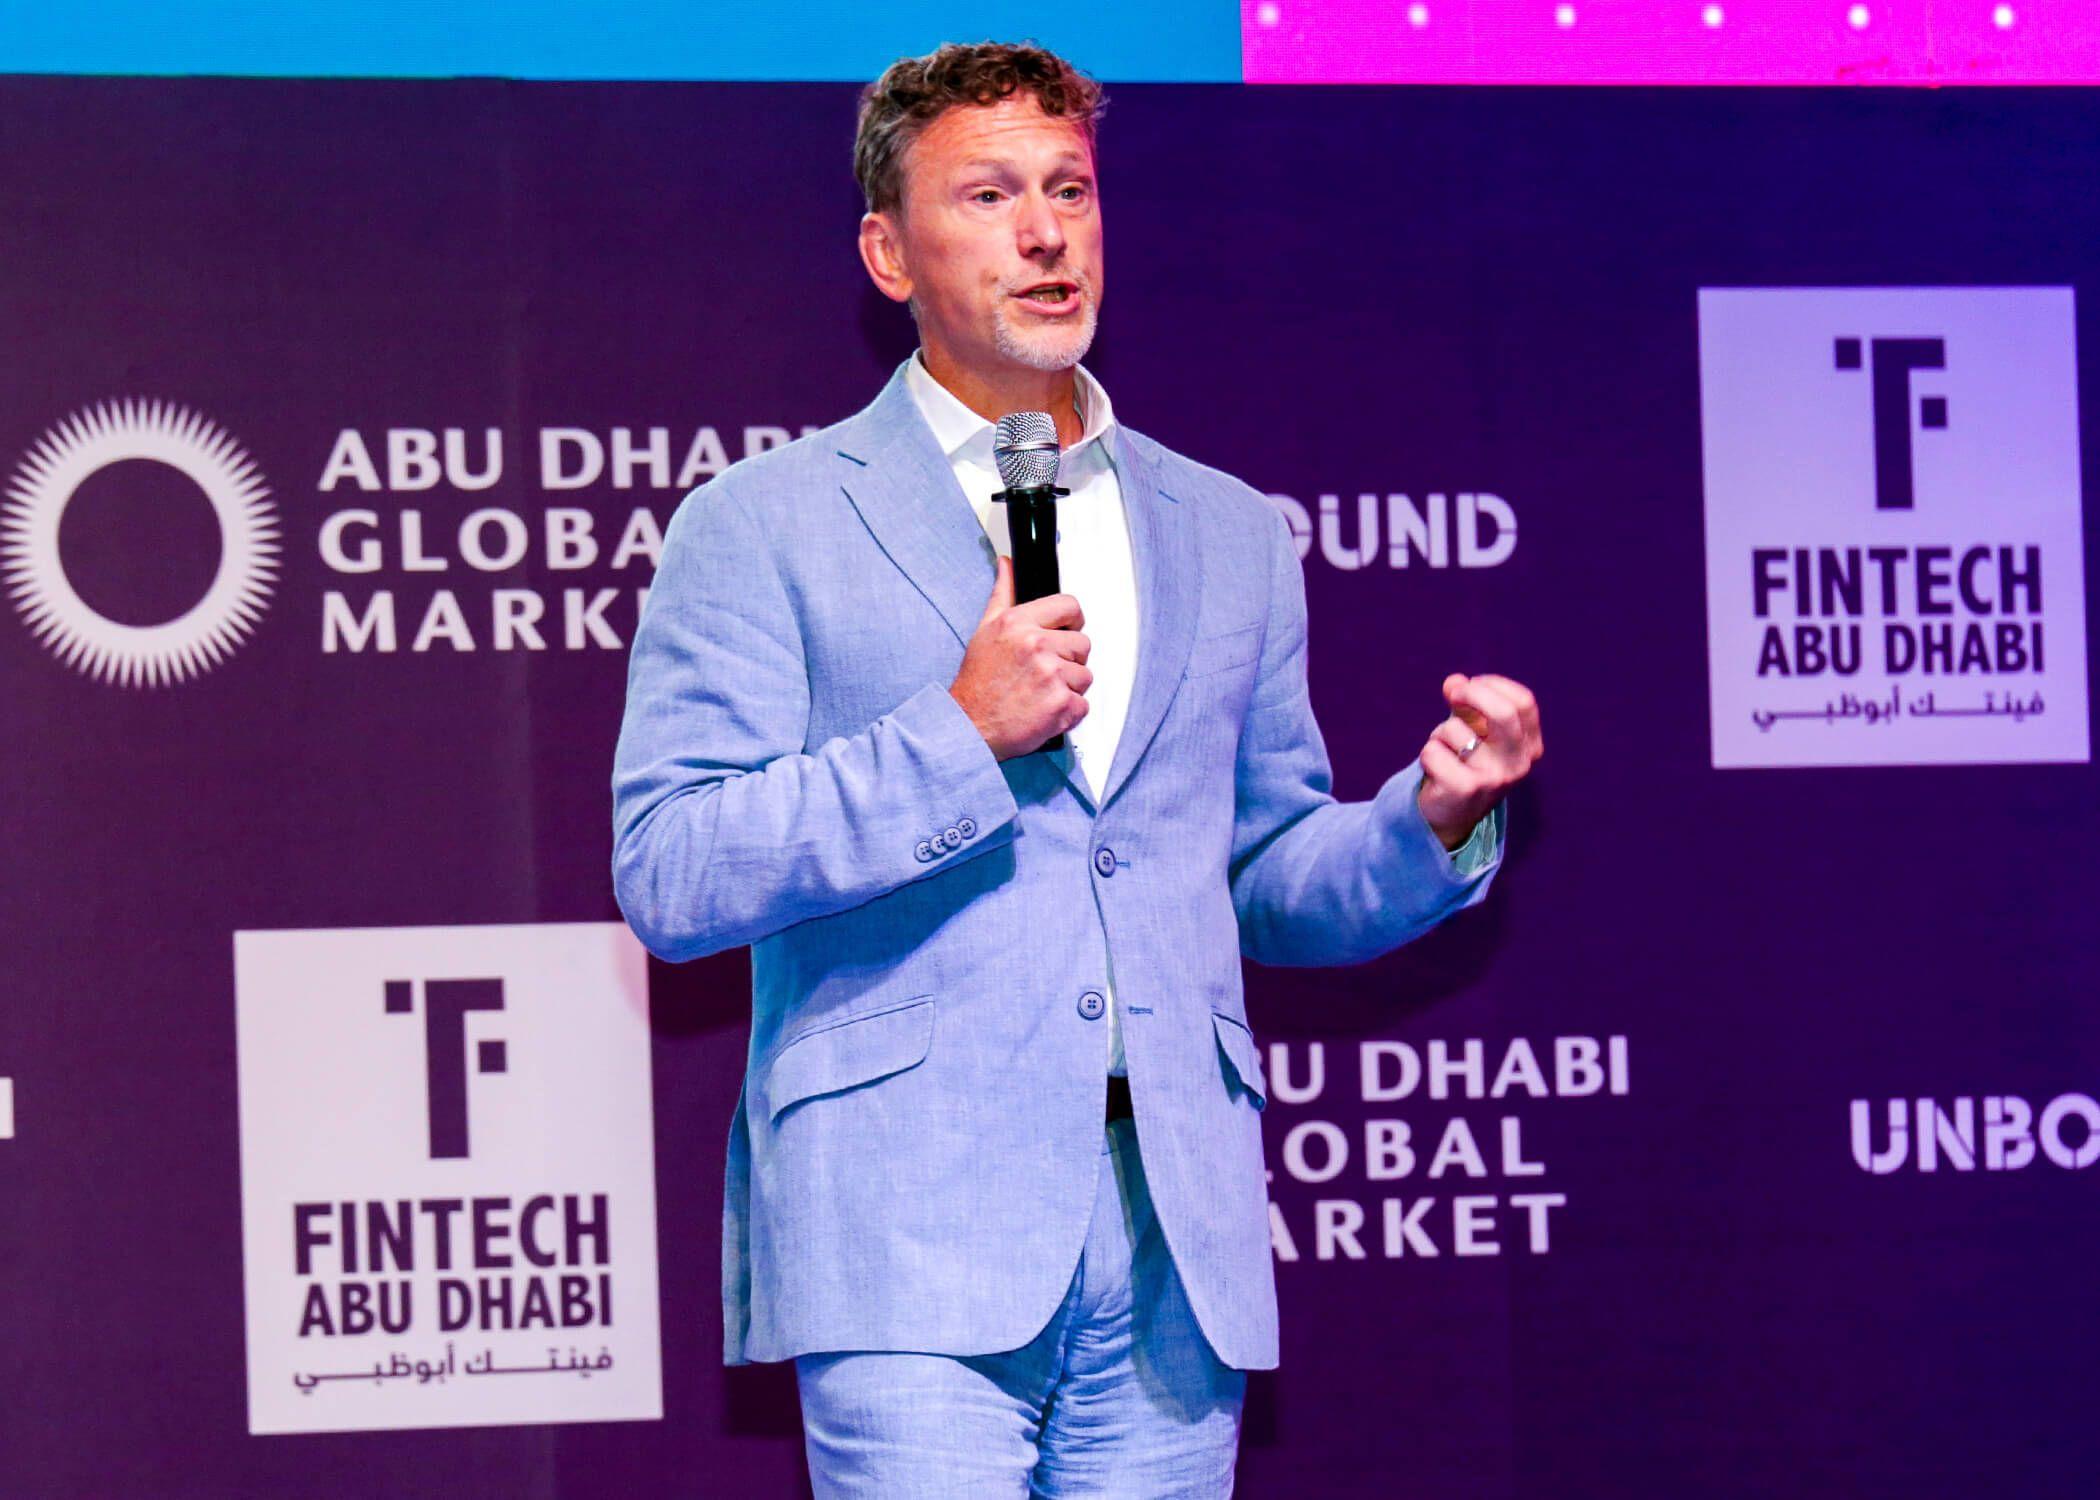 FinTech Abu Dhabi FinTech 100 Pitching